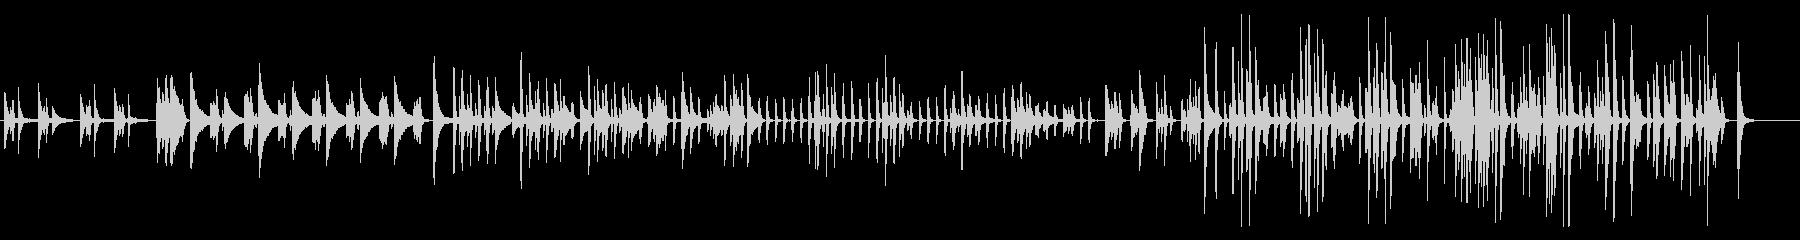 バーで聴く渋くて気だるいジャズピアノソロの未再生の波形